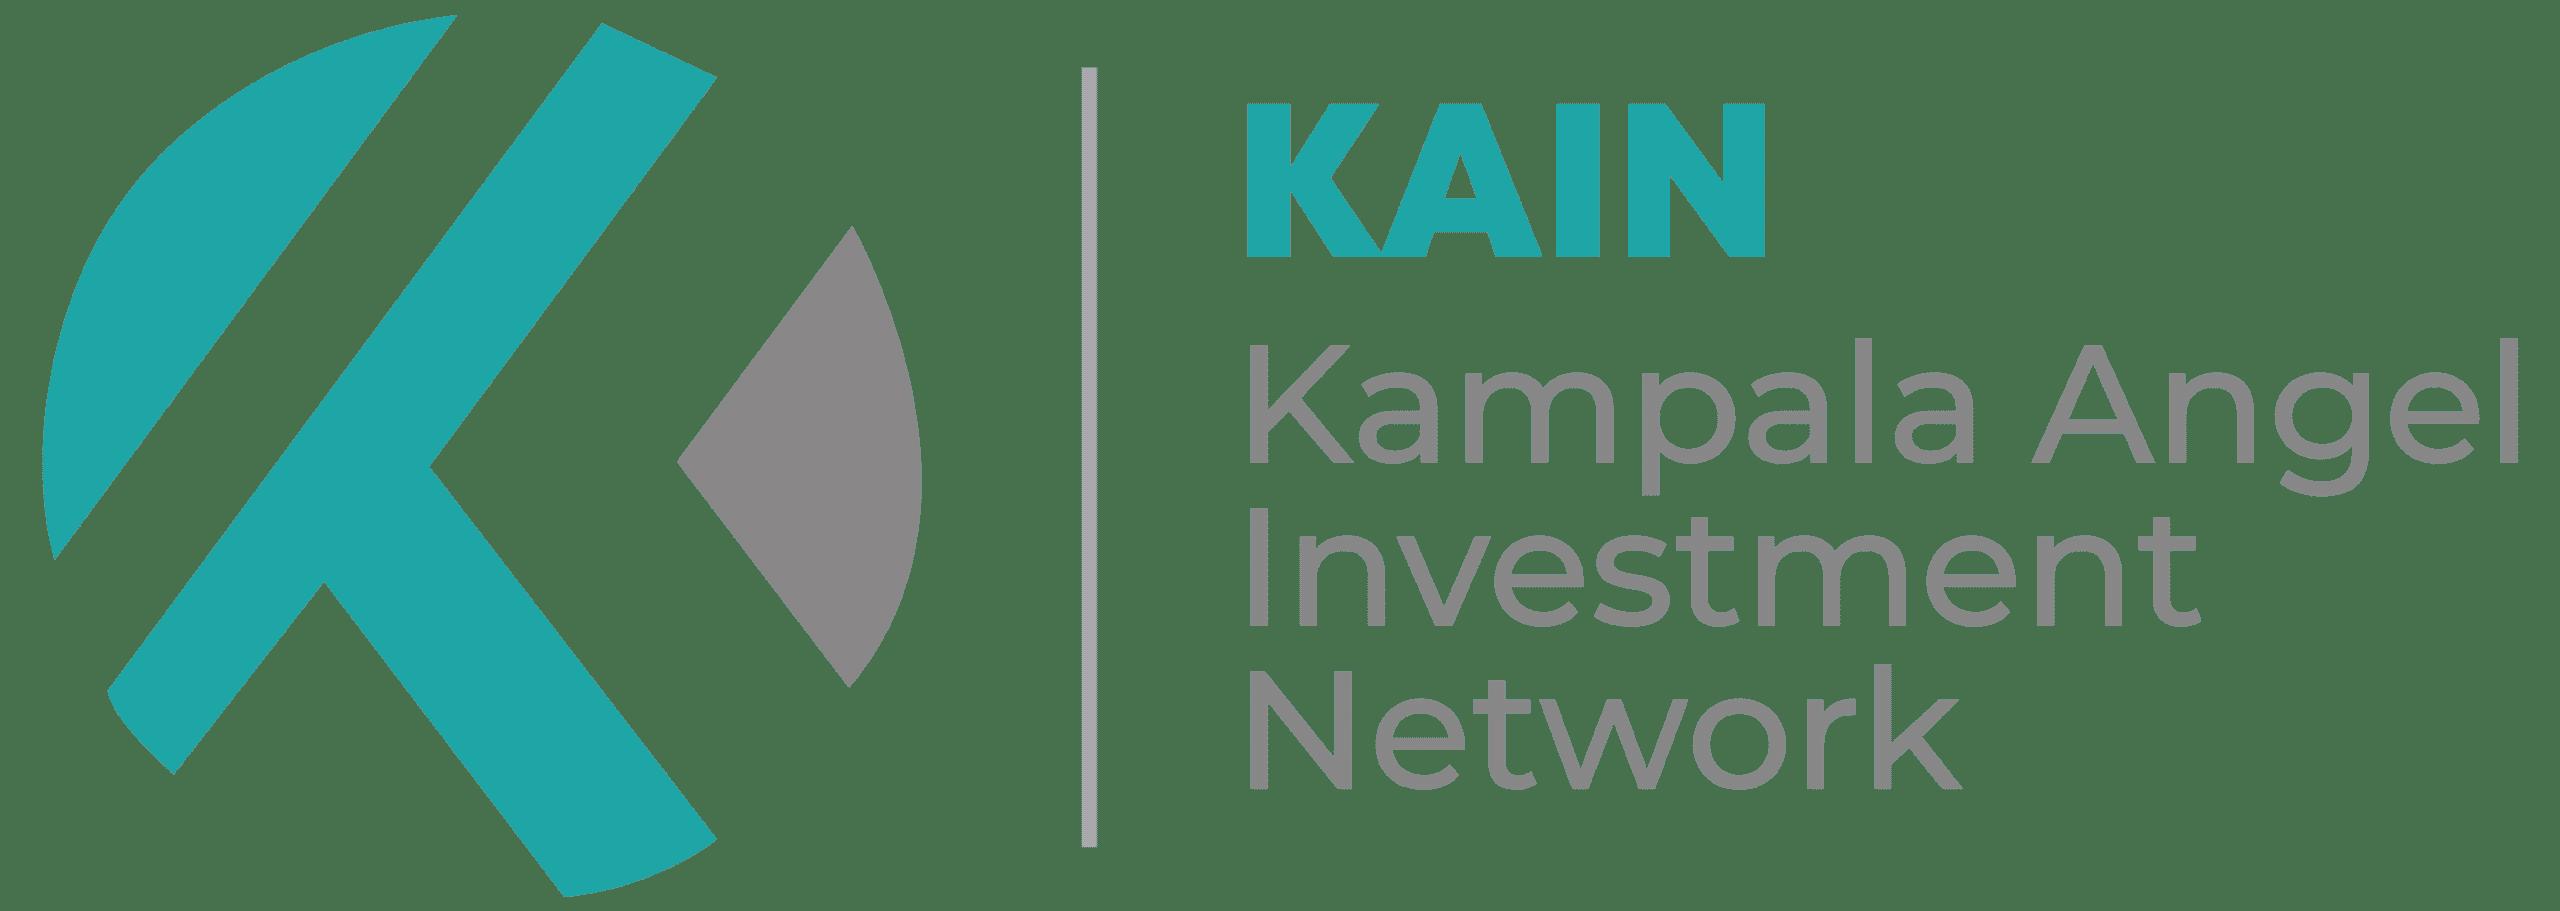 KAIN-LOGO-LATEST (1)